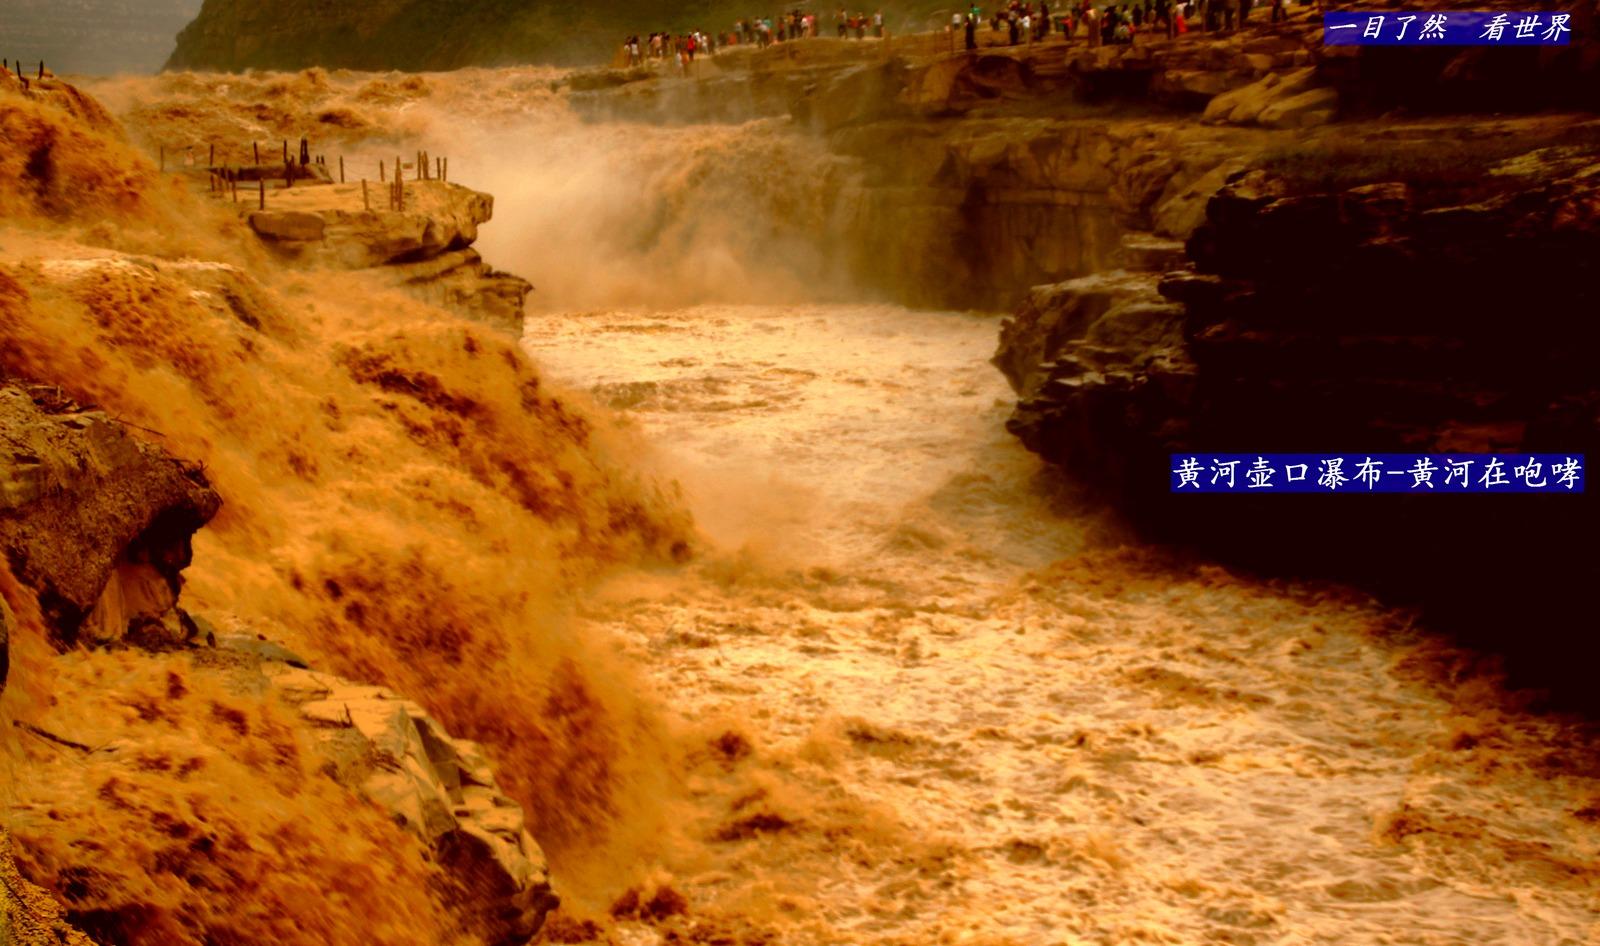 黄河壶口瀑布-017-1600.jpg